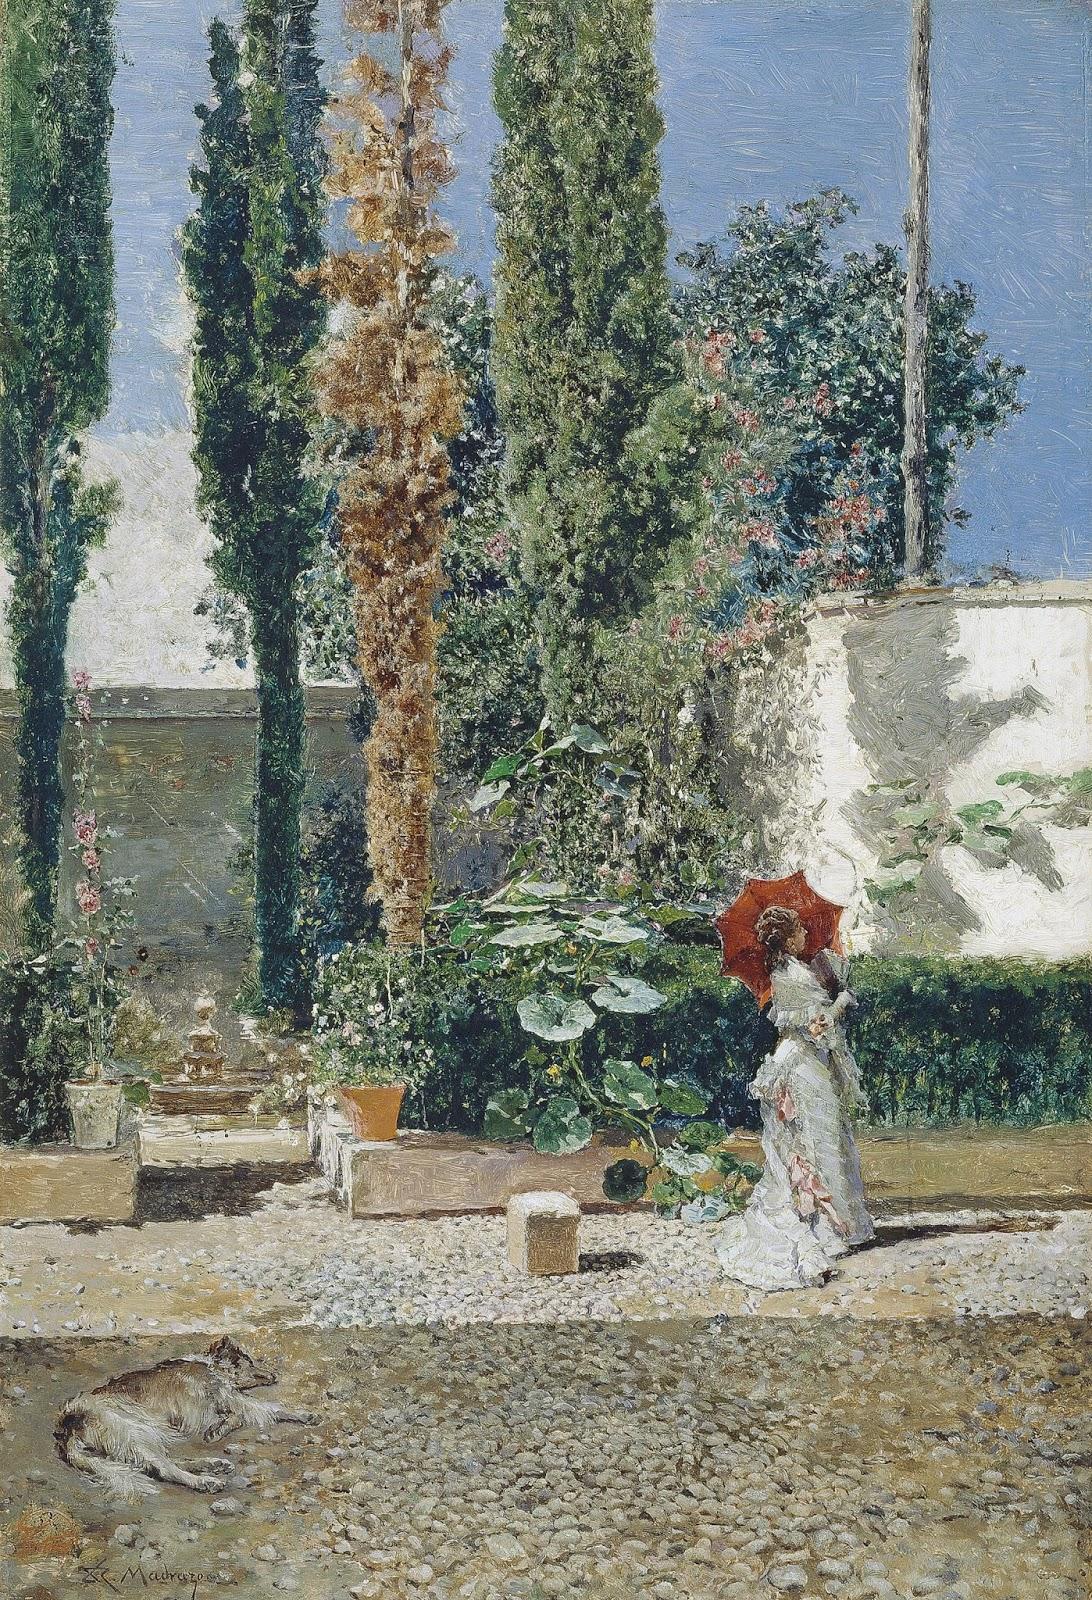 MARIANO FORTUNY Y MARSAL e RAIMUNDO DE MADRAZO - Os jardins da casa de Fortuny - Óleo sobre madeira - 40 x 28 - Entre 1872 e 1877.jpg